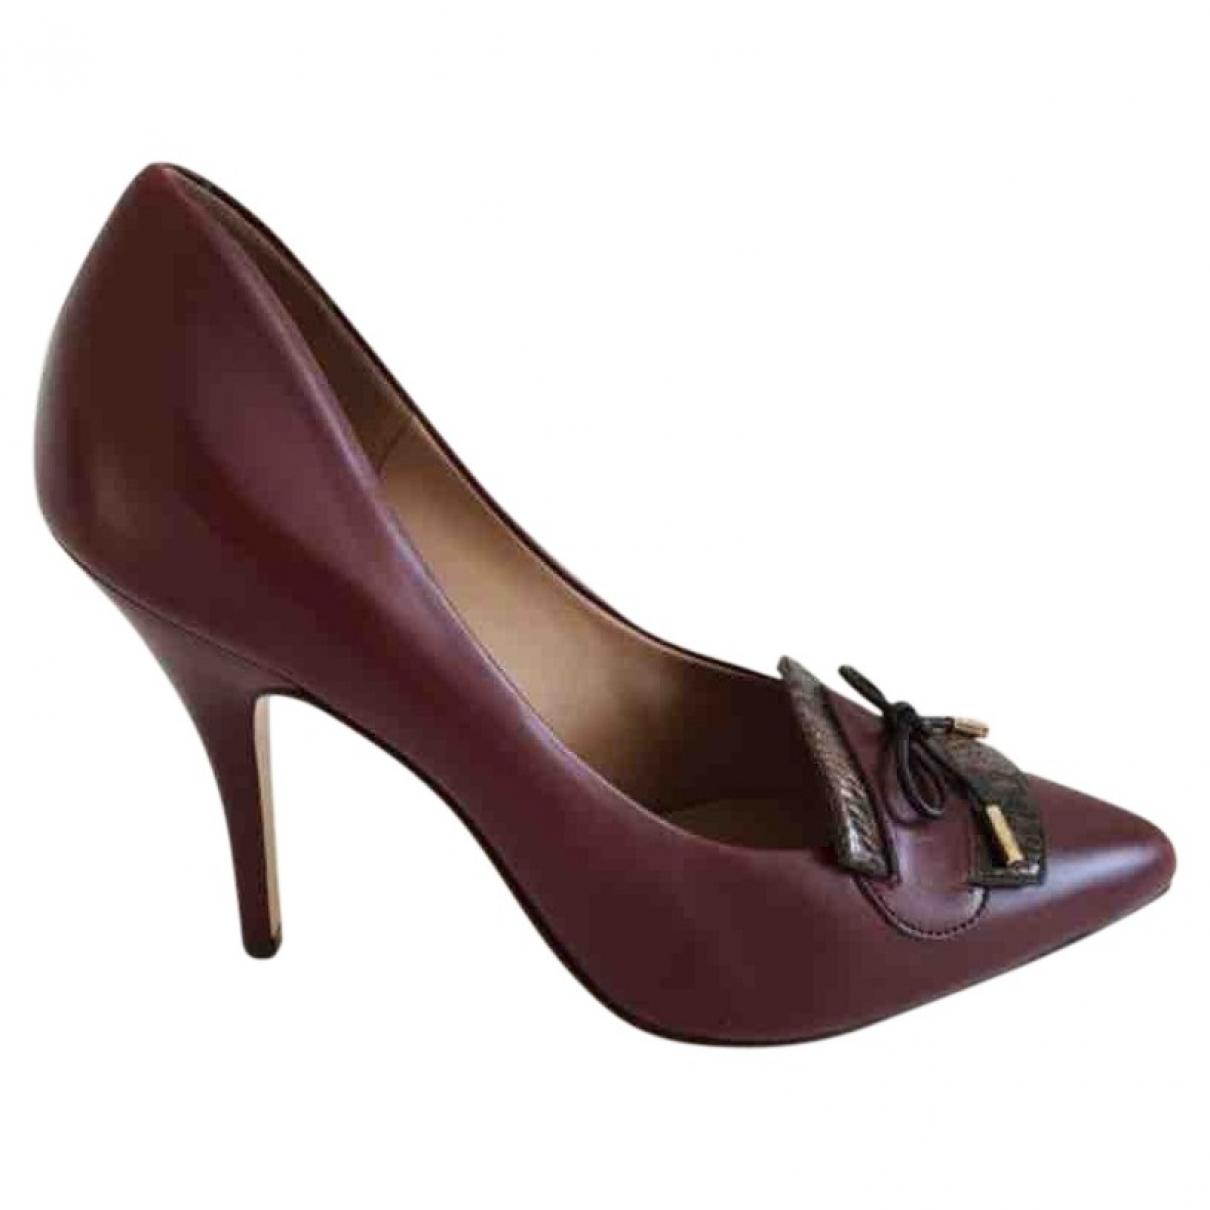 Salvatore Ferragamo \N Burgundy Leather Heels for Women 39.5 EU